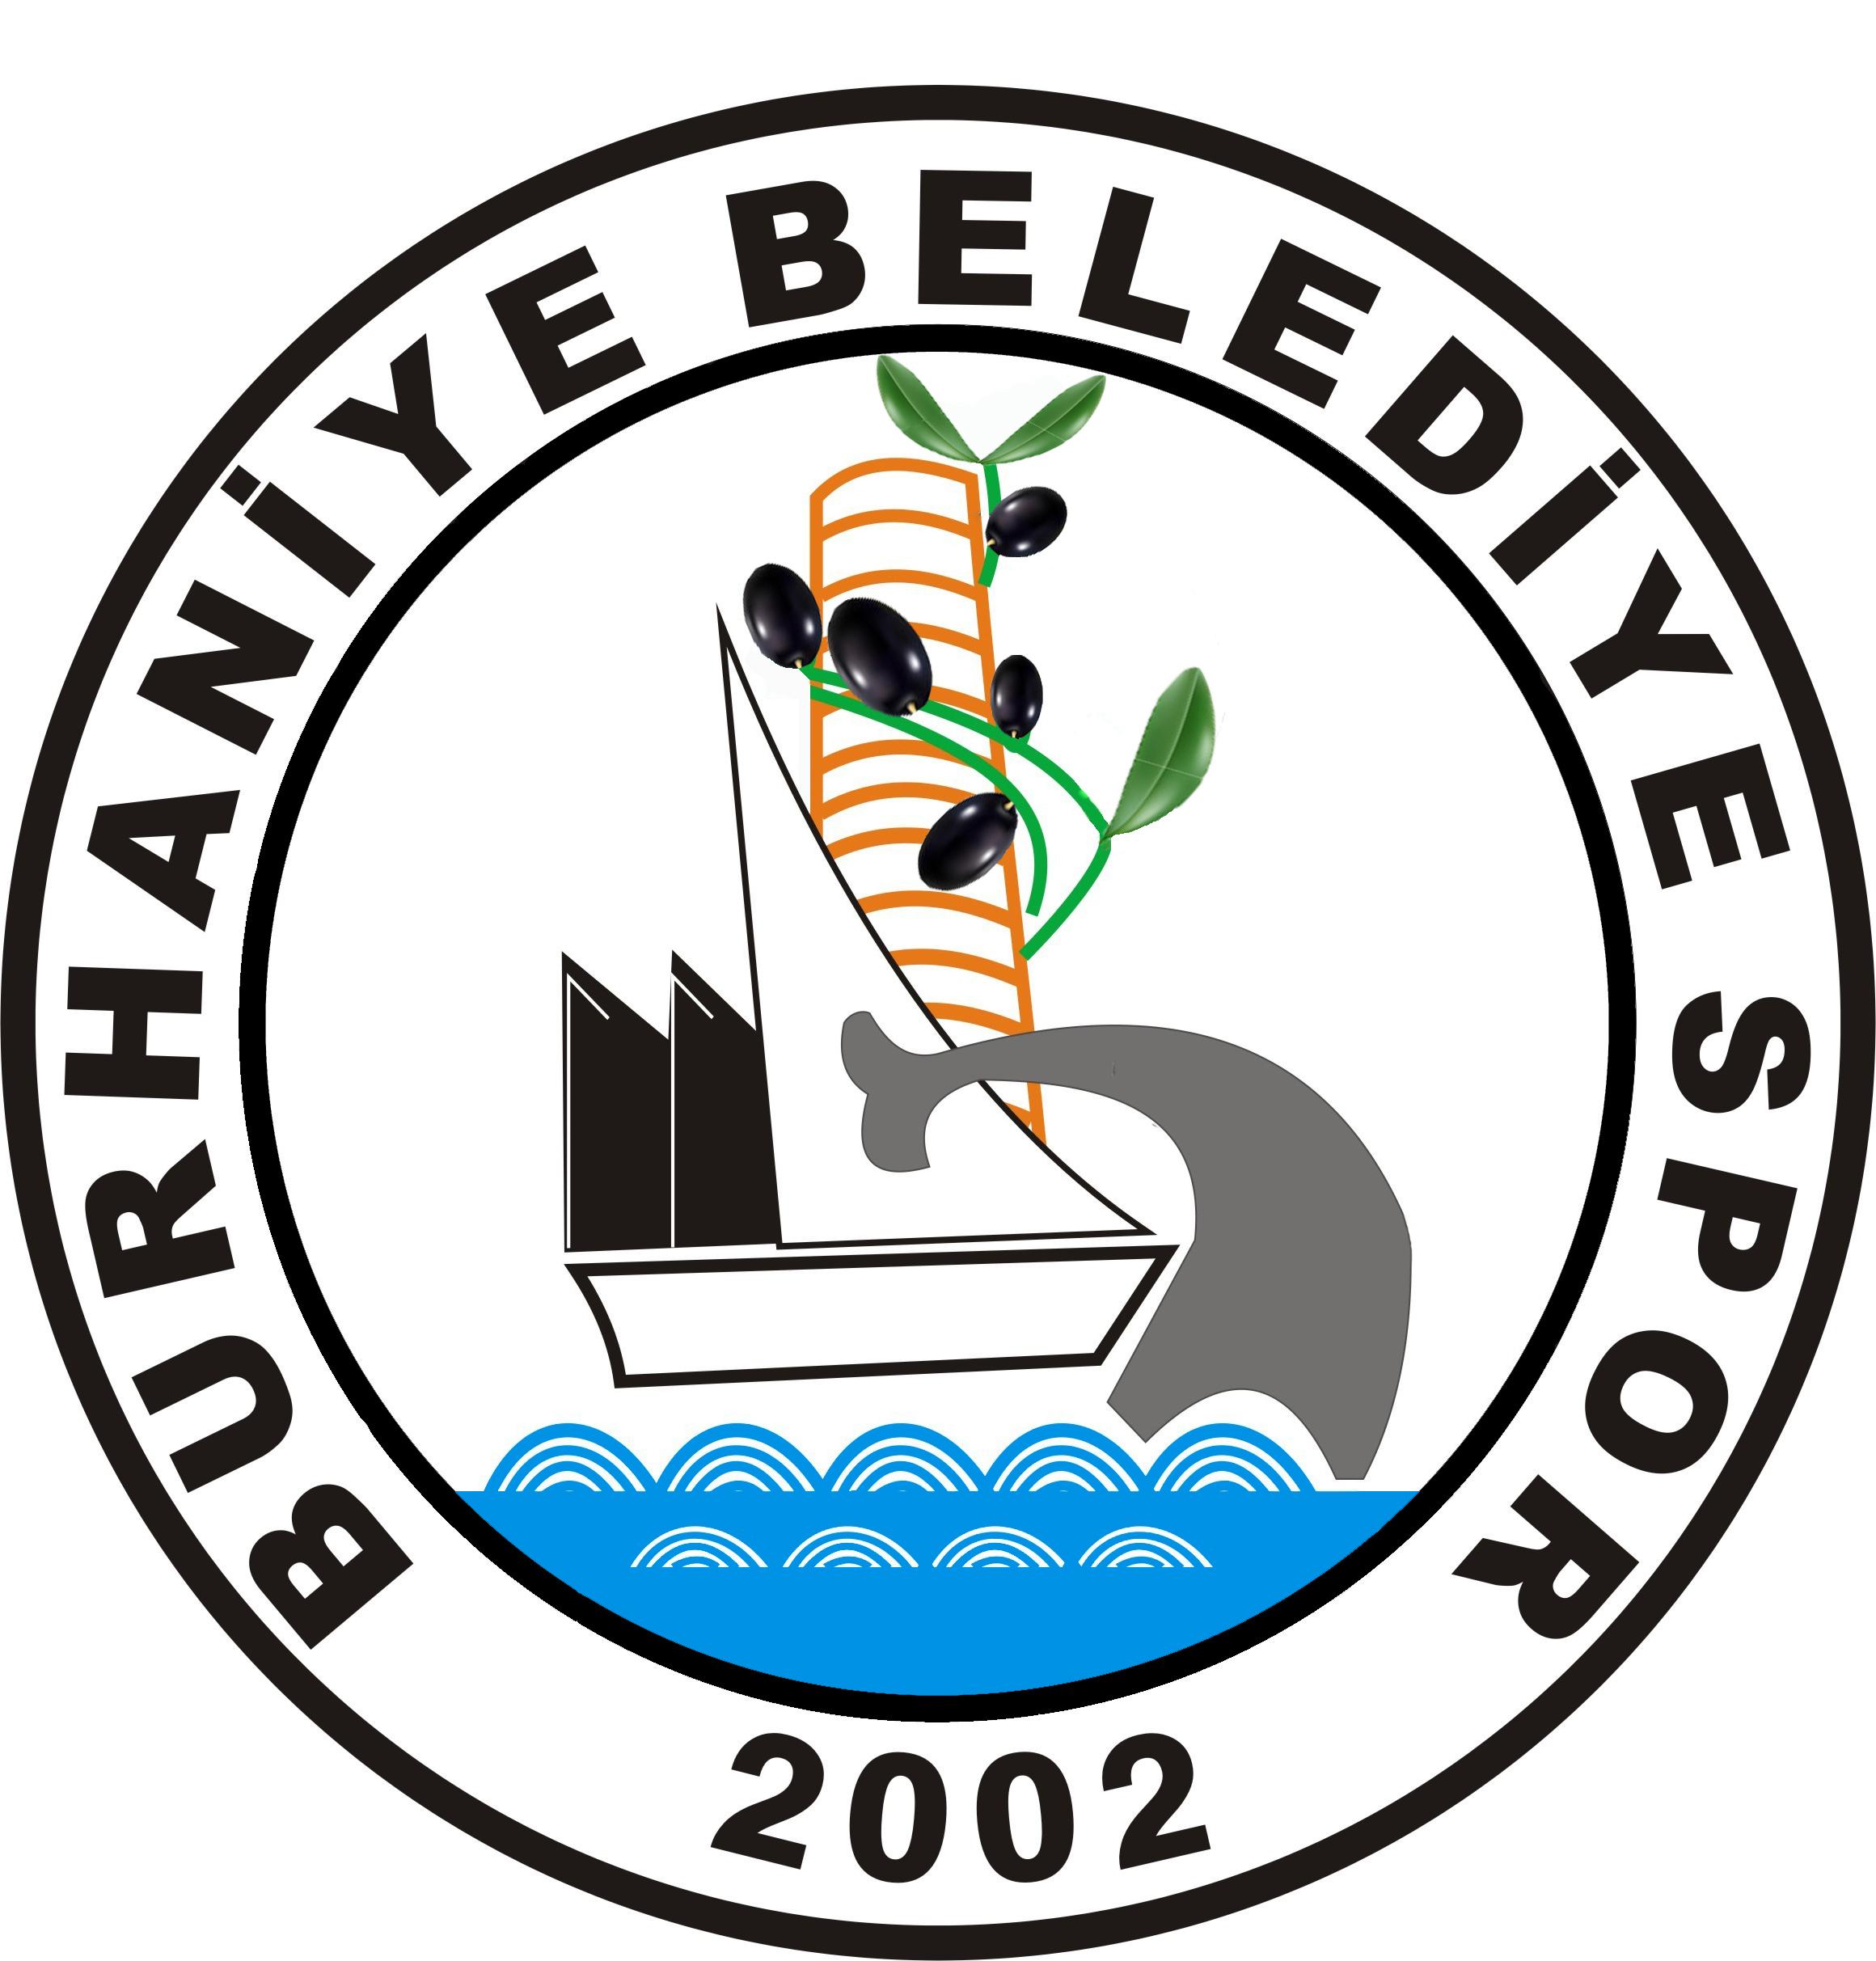 Burhaniye Belediye Spor Kulübünde Görev Dağılımı Yapıldı